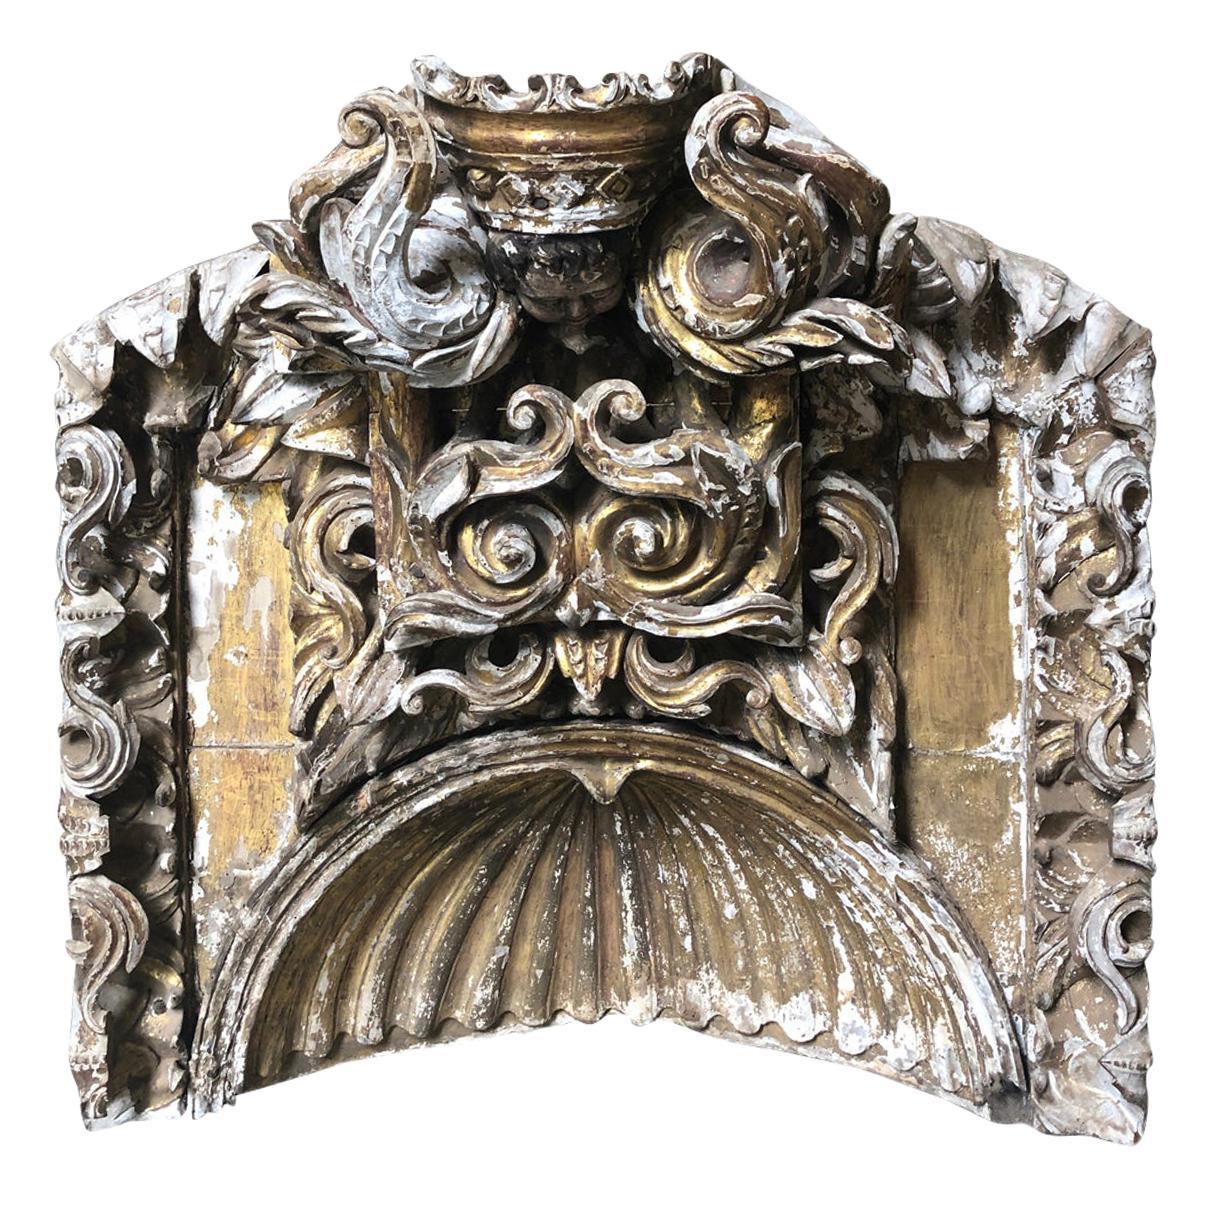 18th Century Italian Architectural Niche